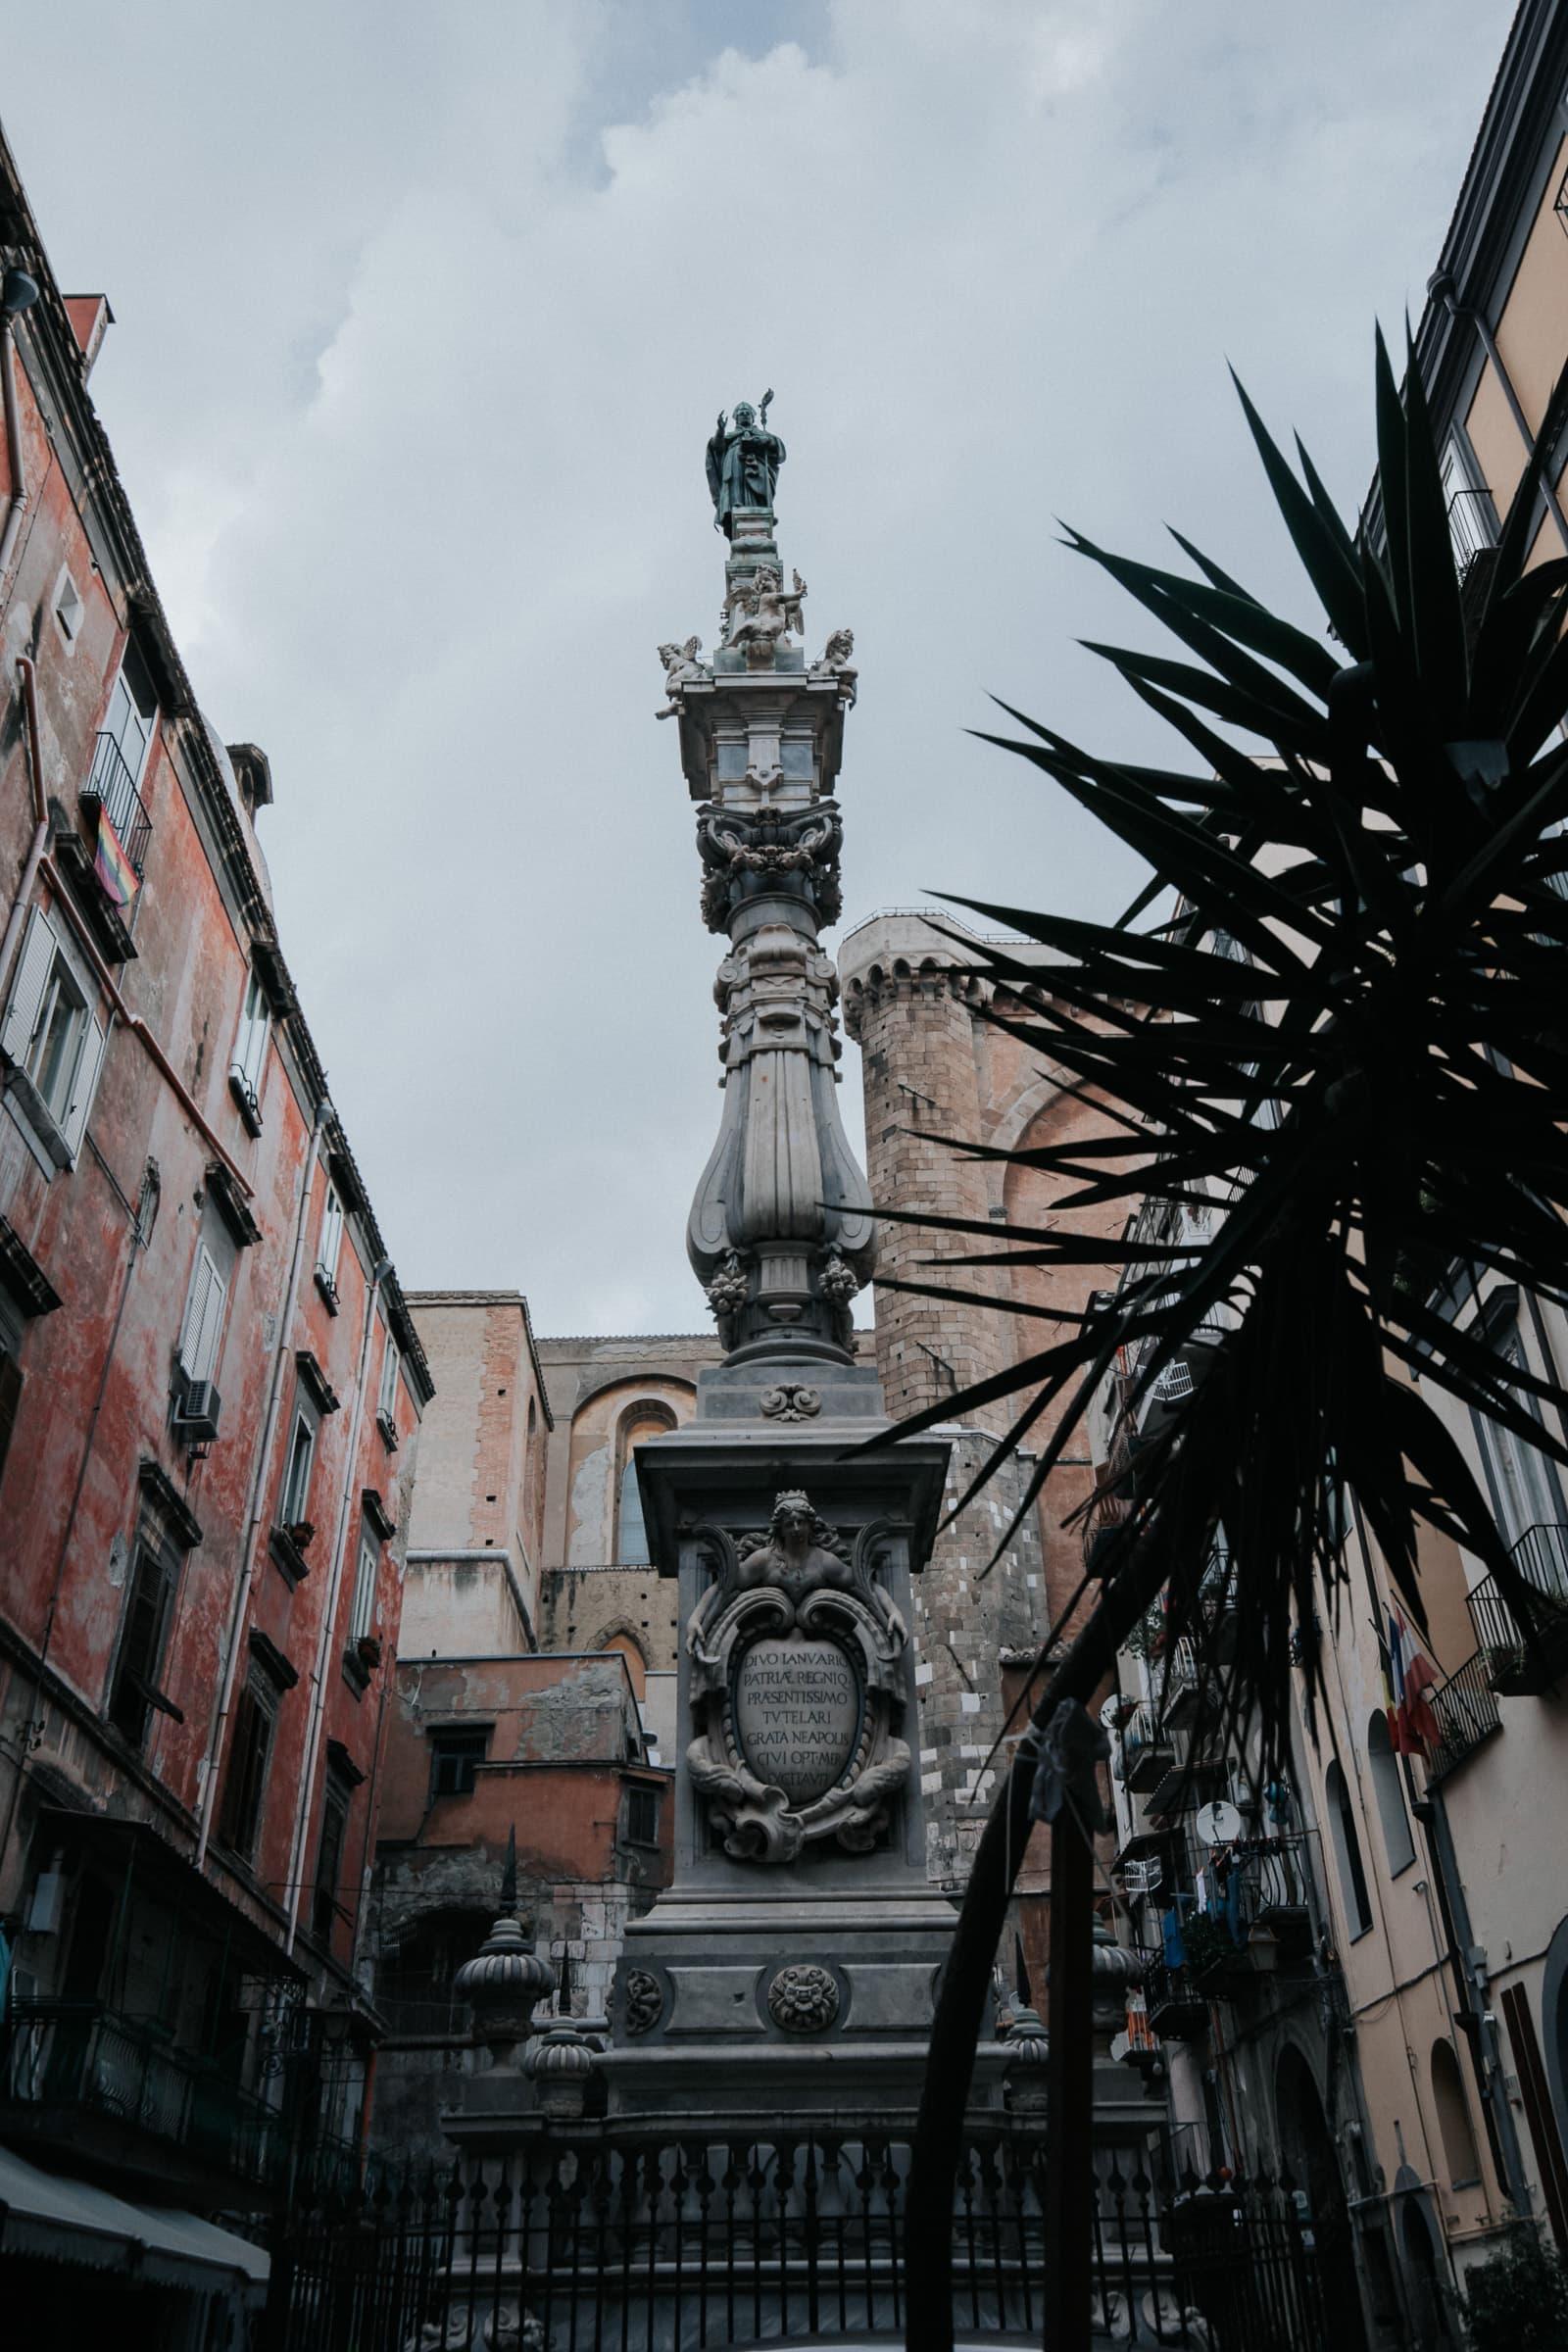 Neapel Sehenswürdigkeiten Altstadt Piazza